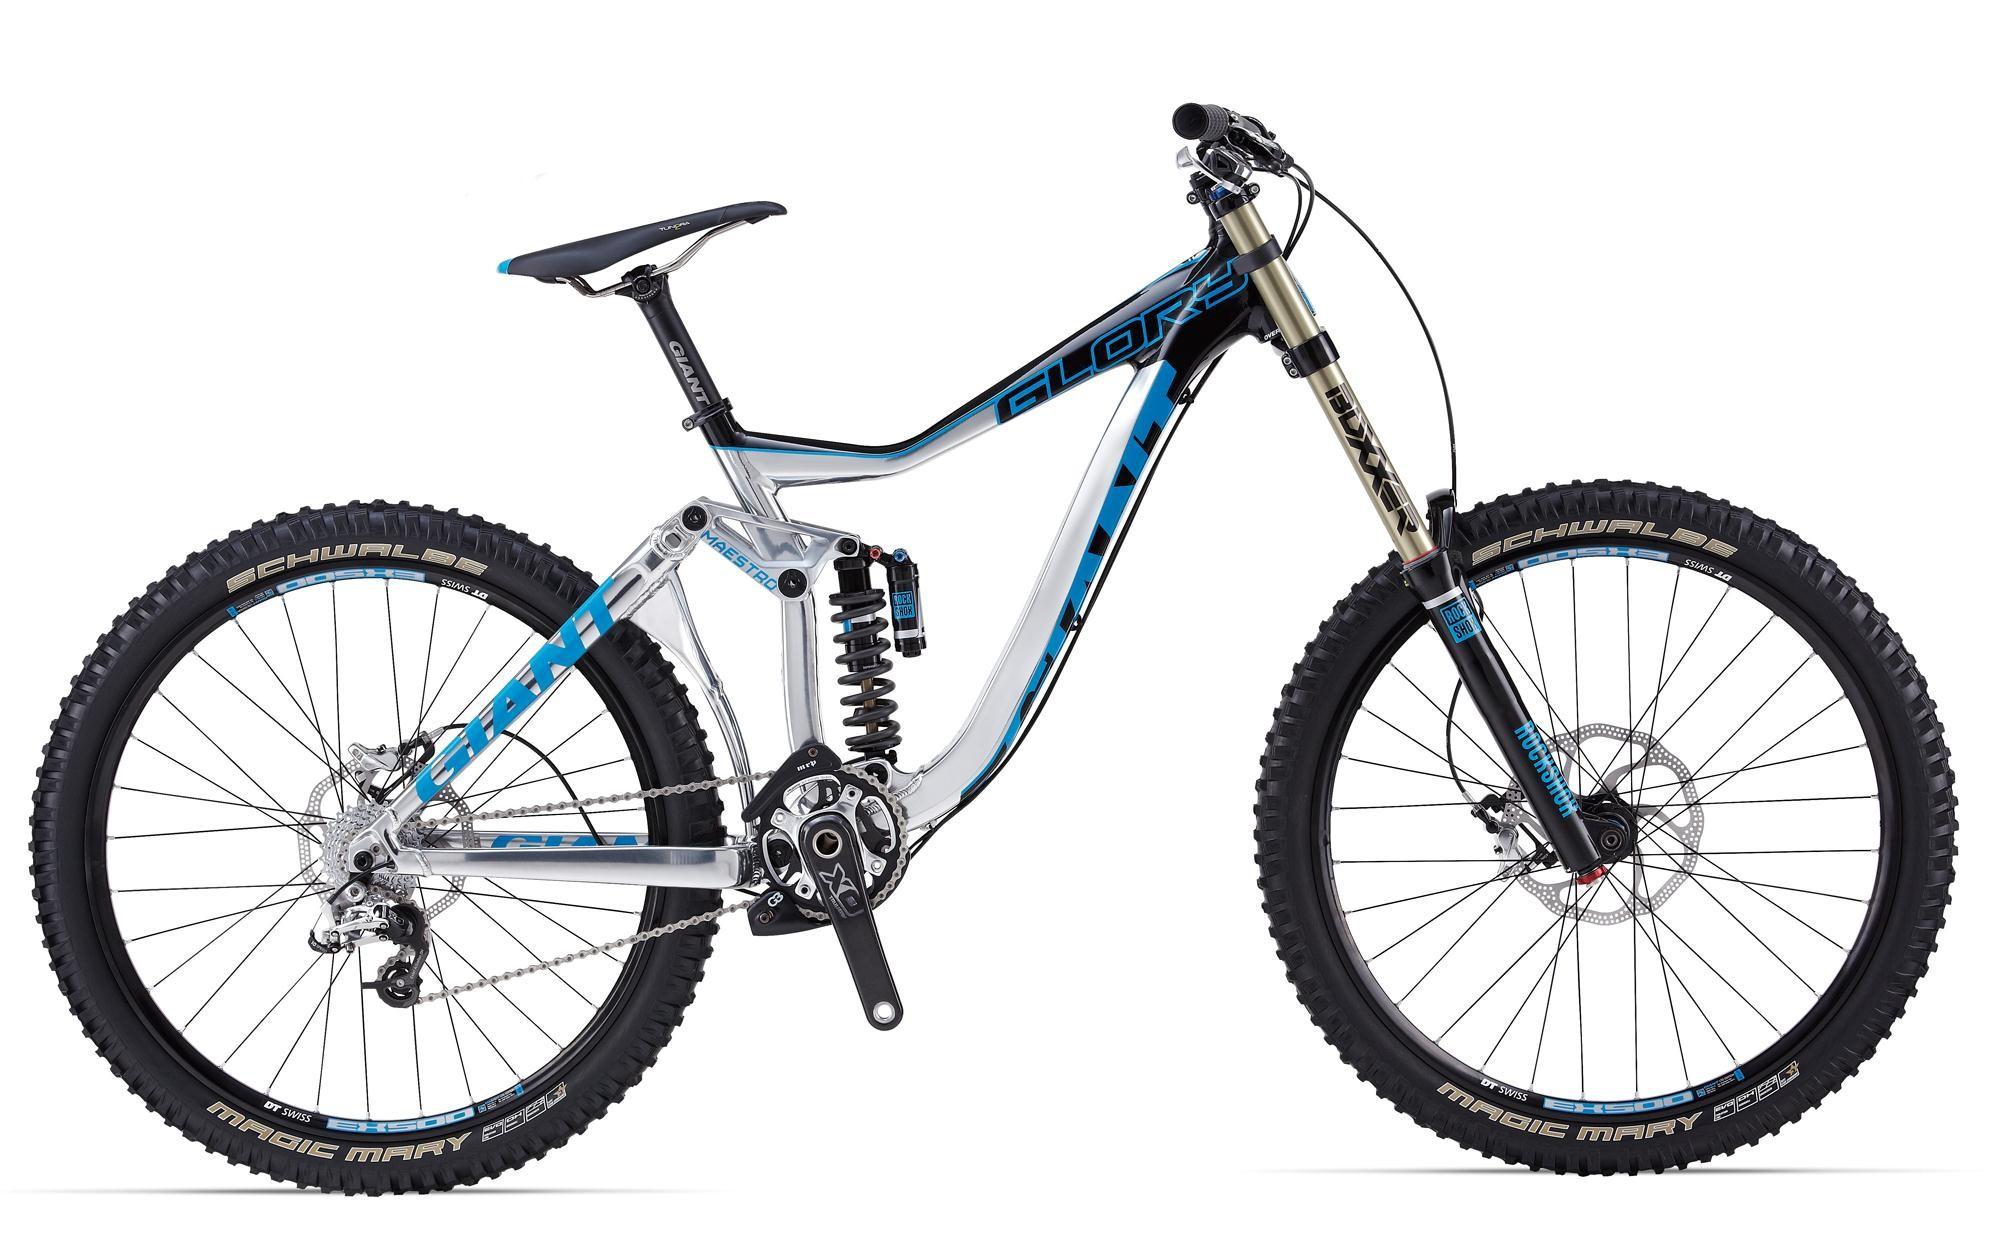 Giant Glory 0 (2014)Горные<br>В основе этого велосипеда, ориентированного на гонки, лежит легкая и прочная алюминиевая рама, оснащенная инновационной системой подвески Maestro с виртуальной осью вращения. Дизайн рамы был разработан таким образом, чтобы оставлять велосипед под 100% контролем даже в самых экстремальных ситуациях во время гонок скоростного спуска.<br>Велосипеды Giant Glory для скоростного спуска - выбор профессионалов. Укомплектованный компонентами Sram X0 и мощной подвеской с ходом 200 мм как спереди, так и сзади, новый Giant Glory 0 гарантирует стабильность даже на самых экстремальных участках трасс кубков Мира по даунхилу.<br>Преимущества:<br><br>Одна из лучших рам в мире, не раз занимавшая топ-места на мировых чемпионатах<br>Топовая навеска, бескомпромиссное решение для экстремального катания<br>Легендарное качество Giant<br>